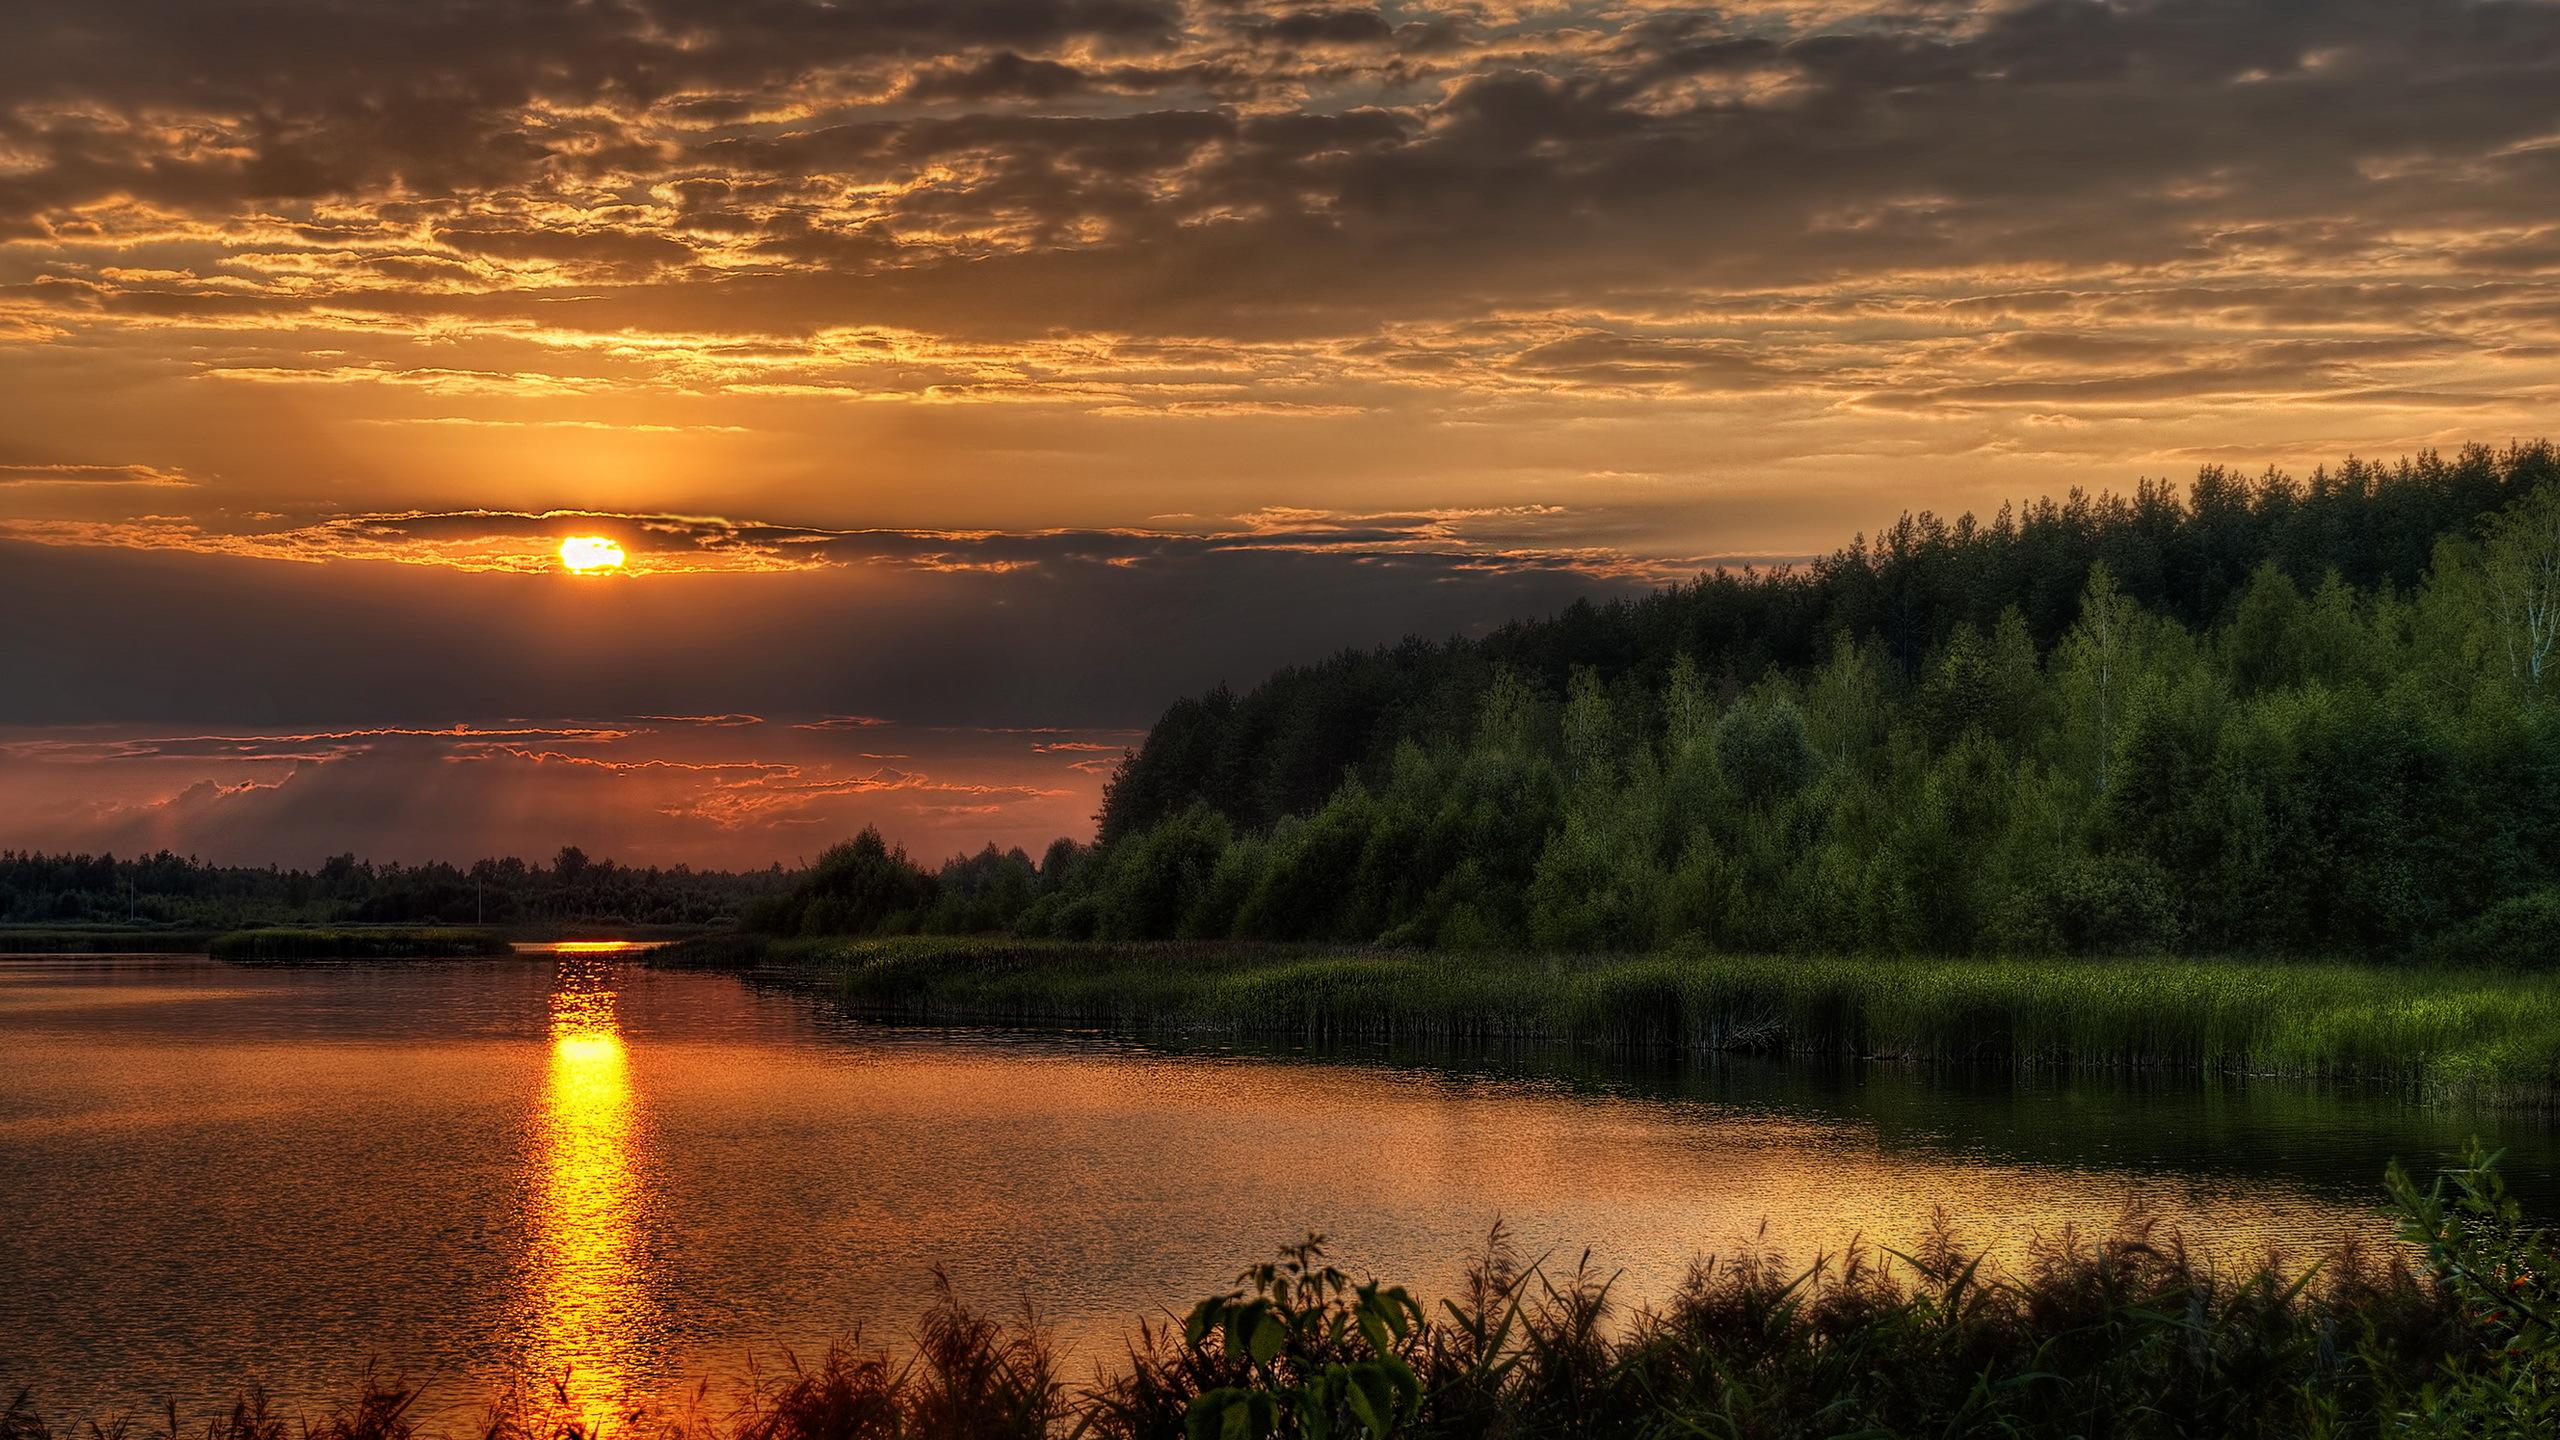 картинки закат солнца природа закат всё того